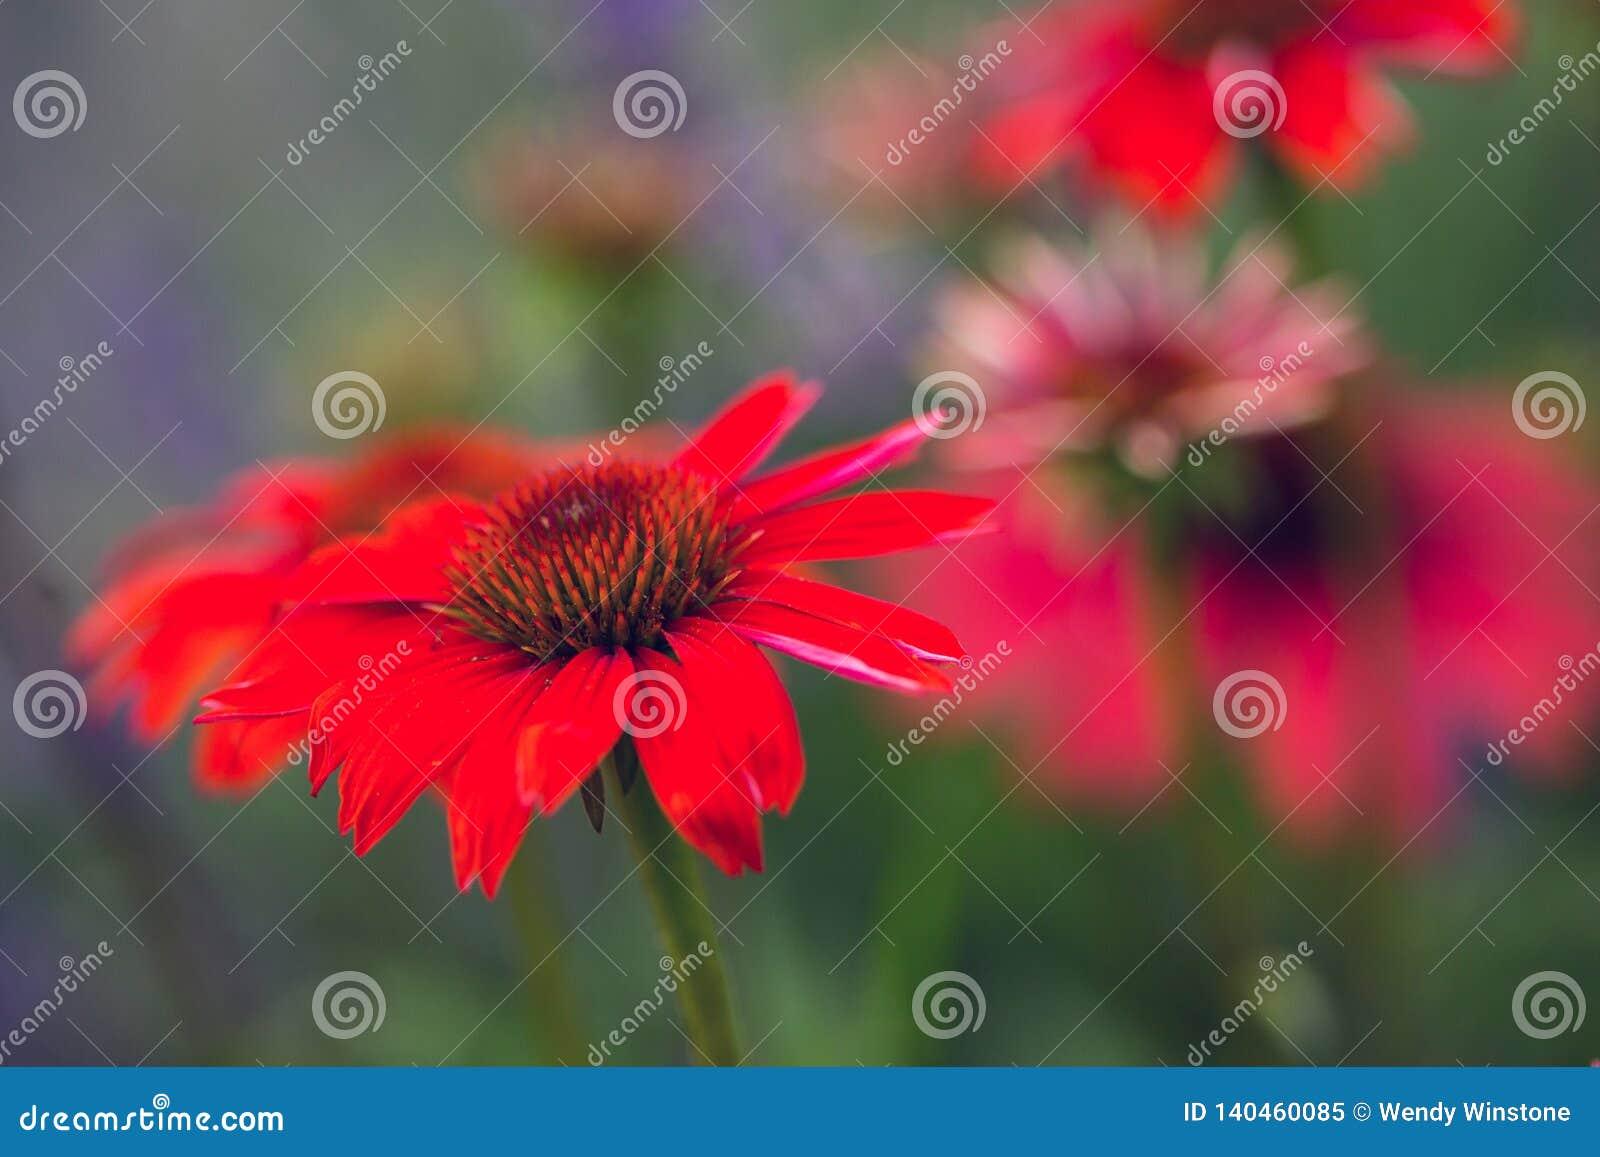 Echinacearood met achtergrondonduidelijk beeld